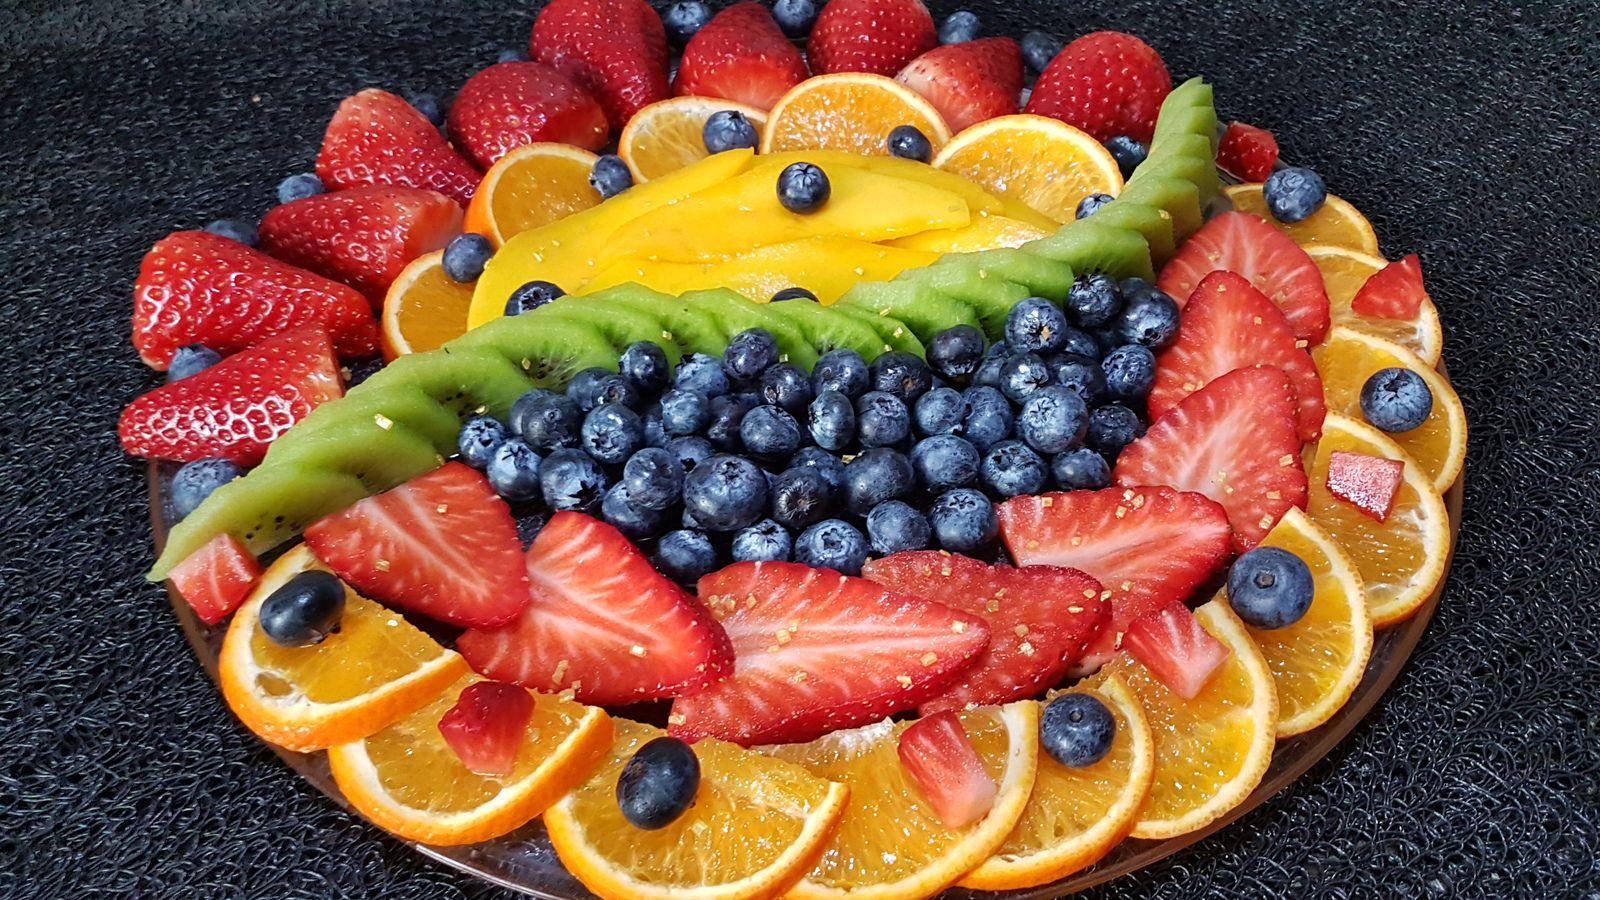 Fruits mis en oeuvre : orange, fraise, mangue, myrtille, kiwi